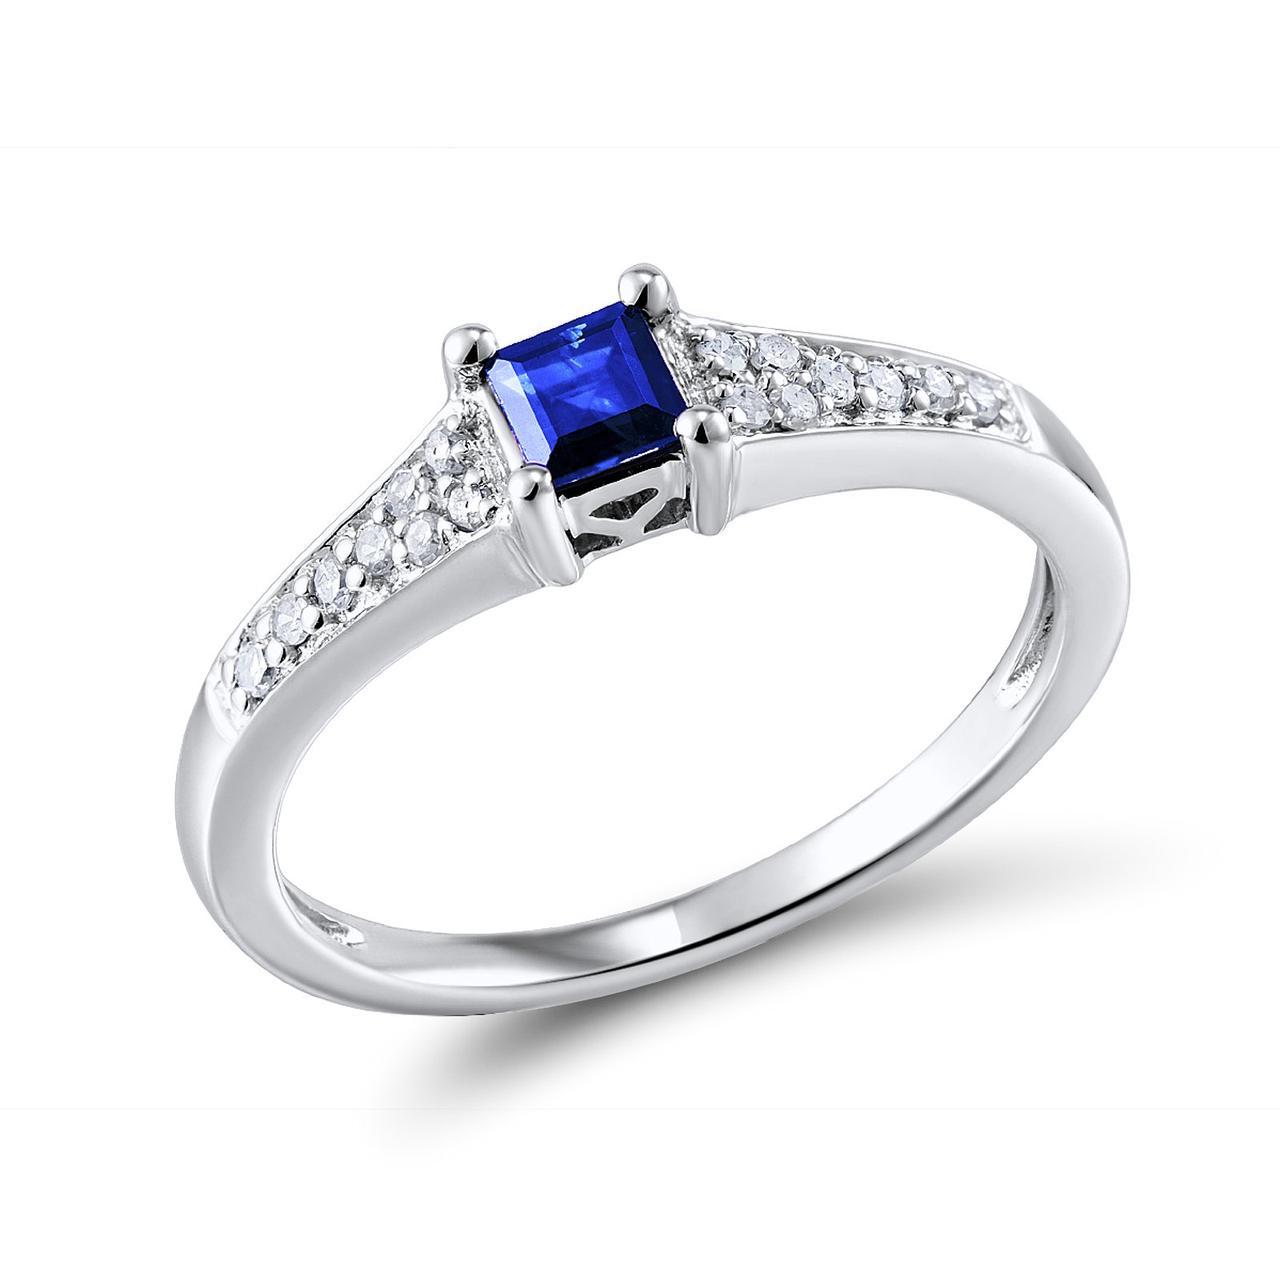 Золотое кольцо с бриллиантами и сапфиром, размер 15.5 (210387)